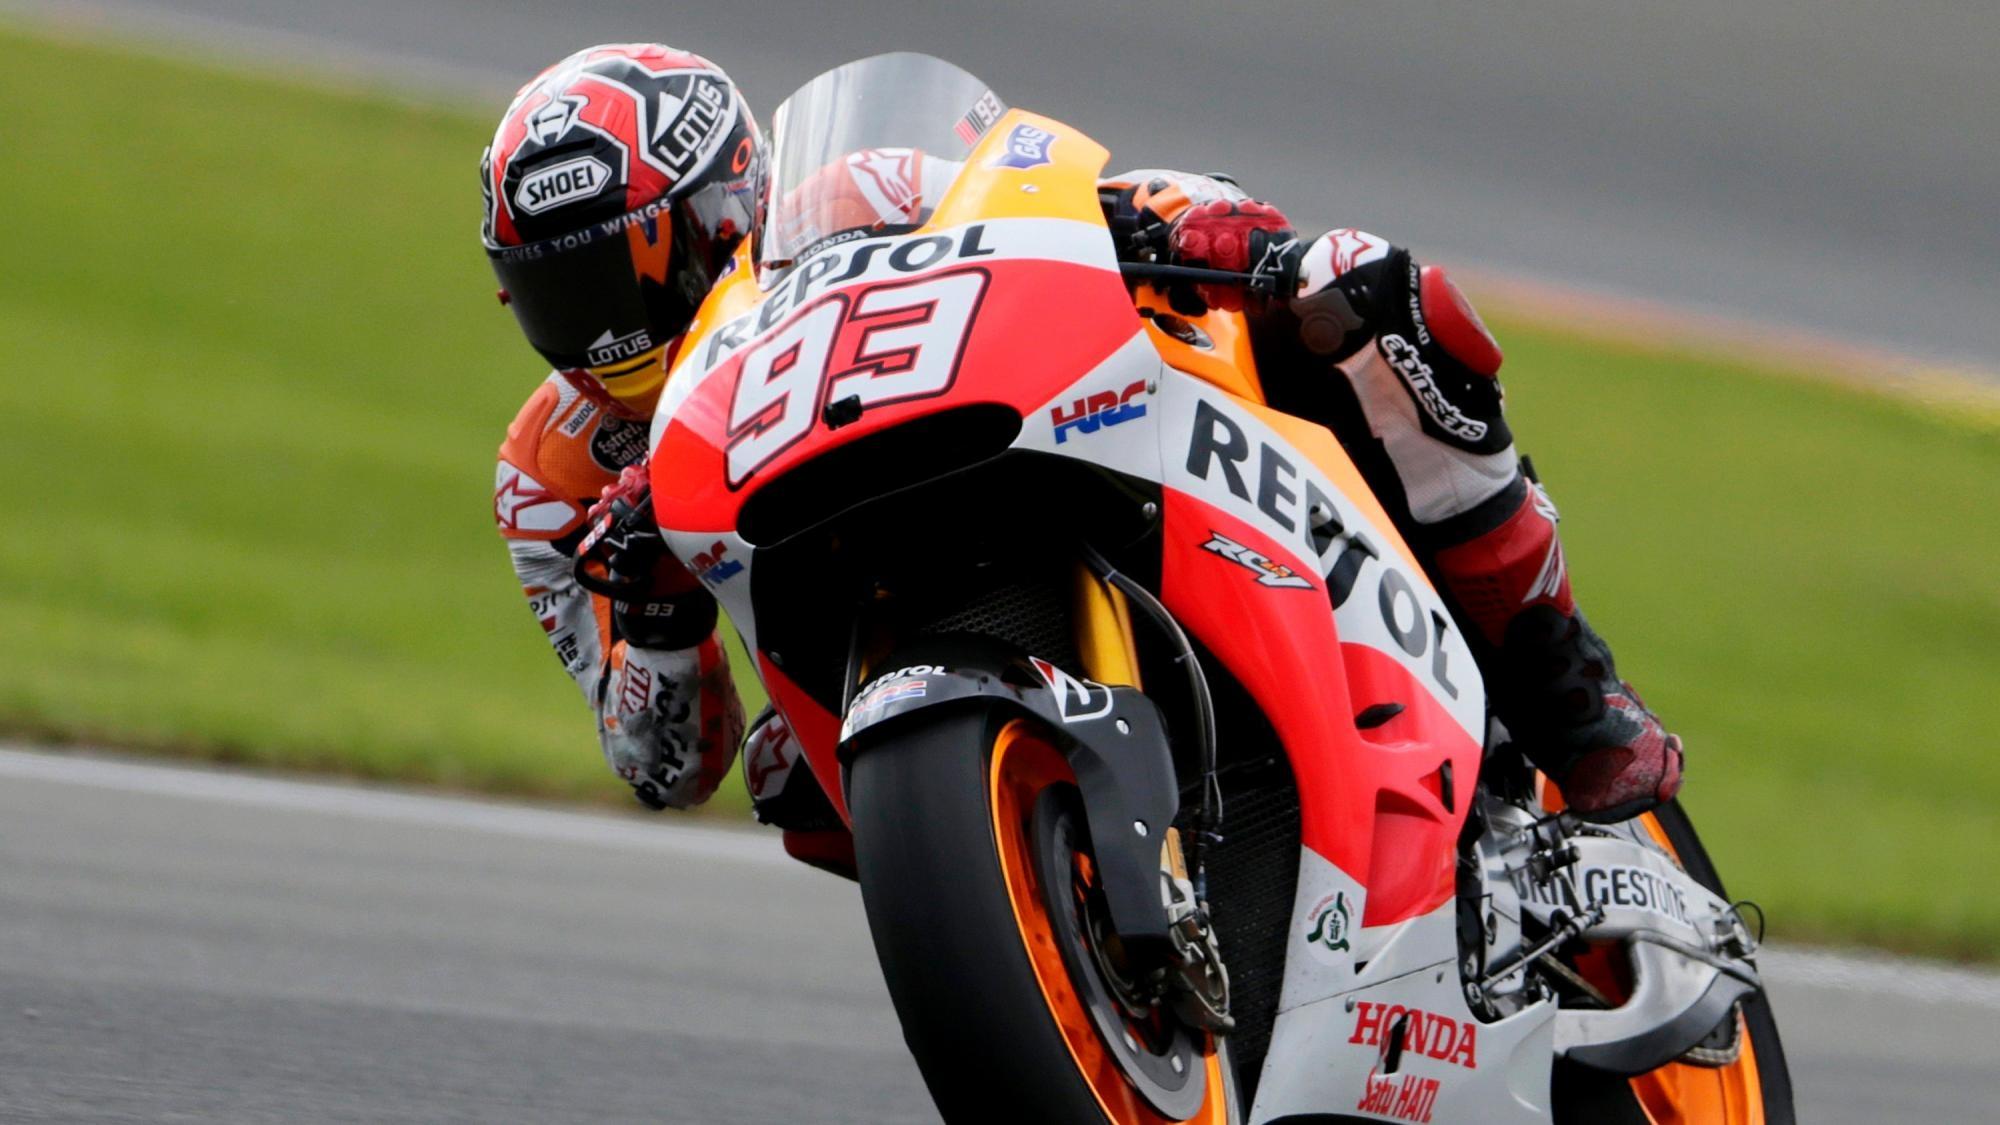 Алекс Маркес выиграл кибергонку MotoGP, обойдя брата на последнем круге